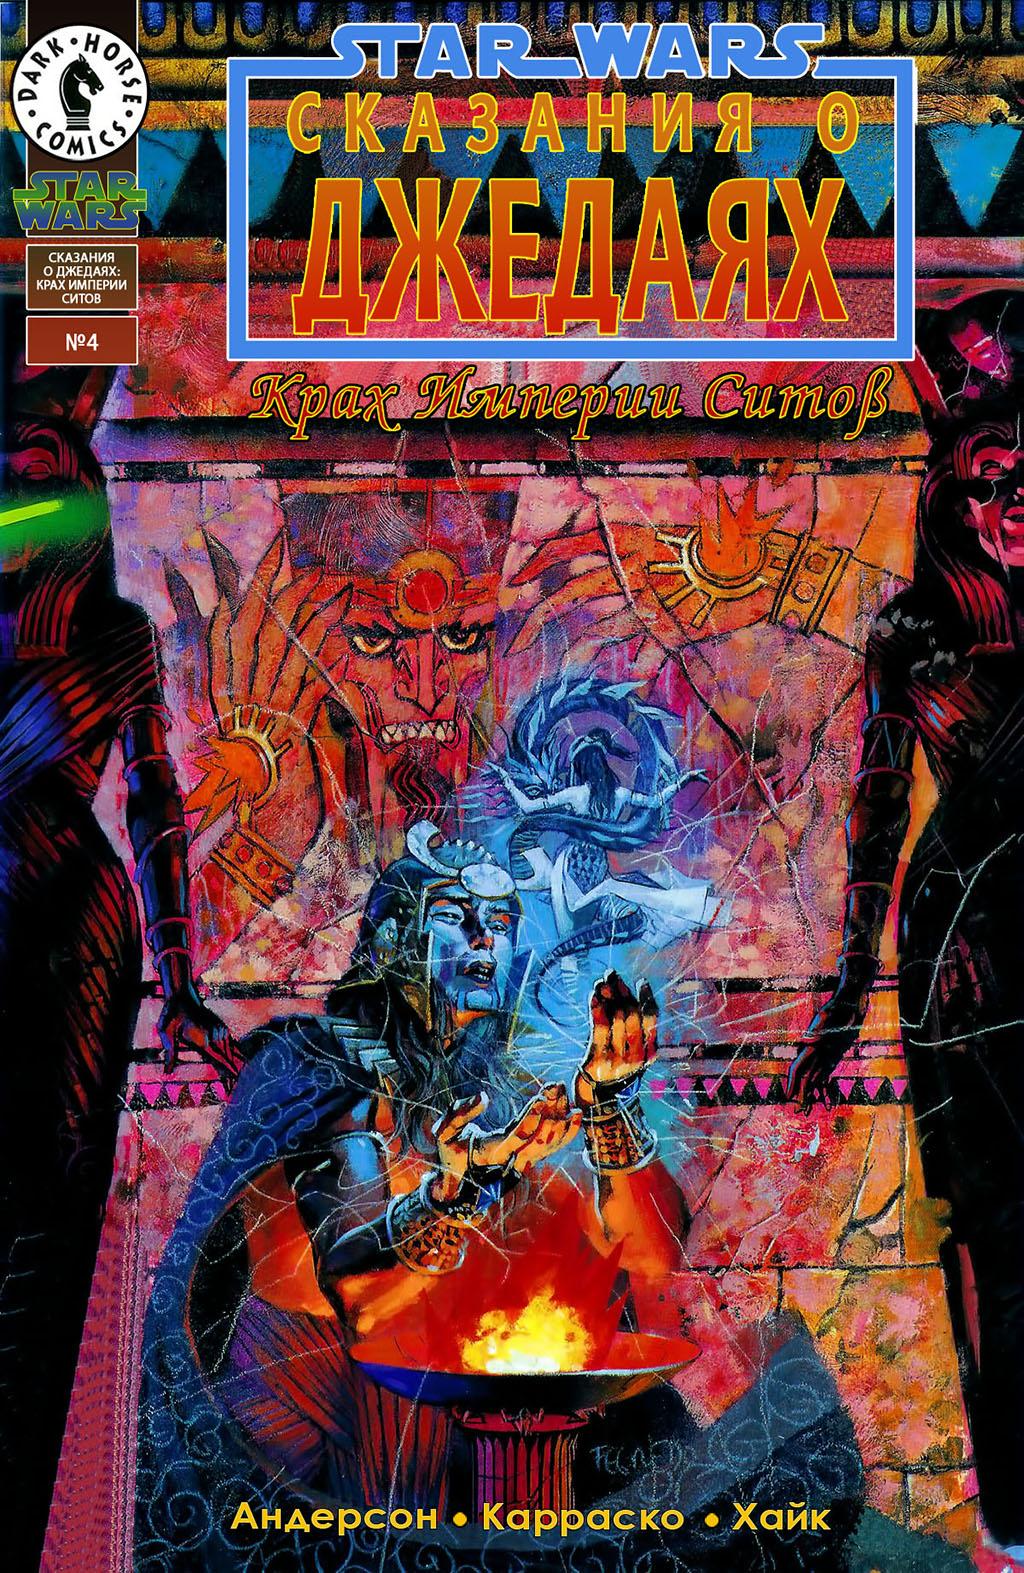 Комикс Звездные Войны - Сказания о Джедаях: Крах Империи Ситов